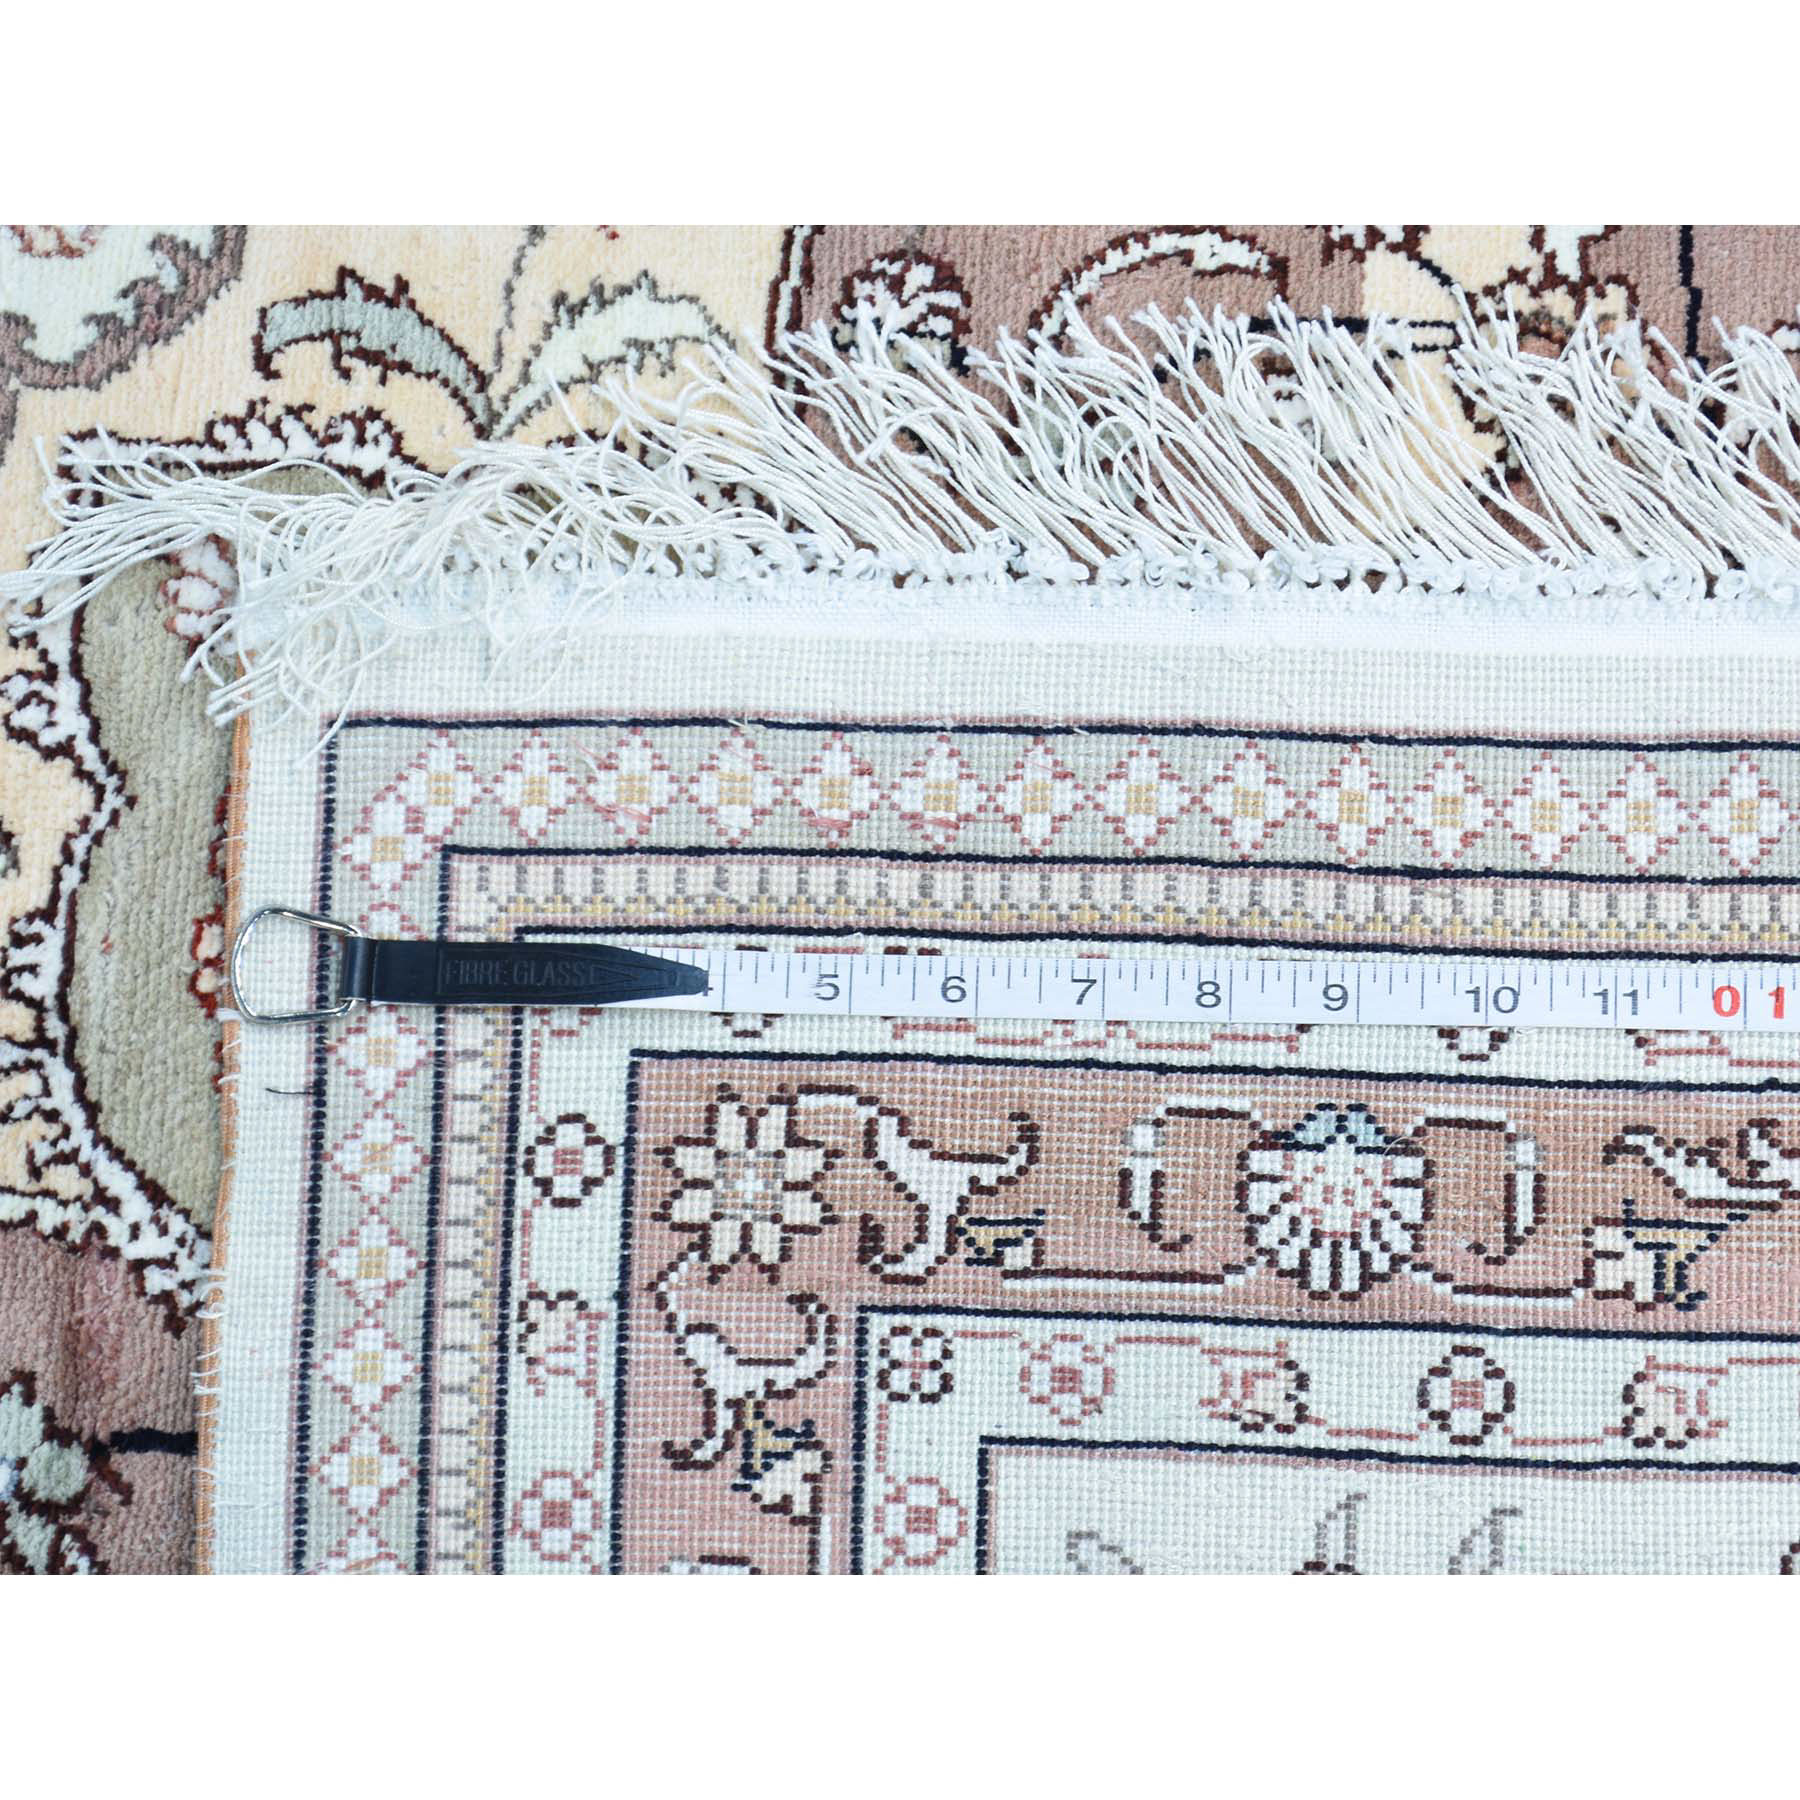 12-x18-4  Hand Knotted Red Silken Tabriz 250 kspi Oversize Oriental Rug